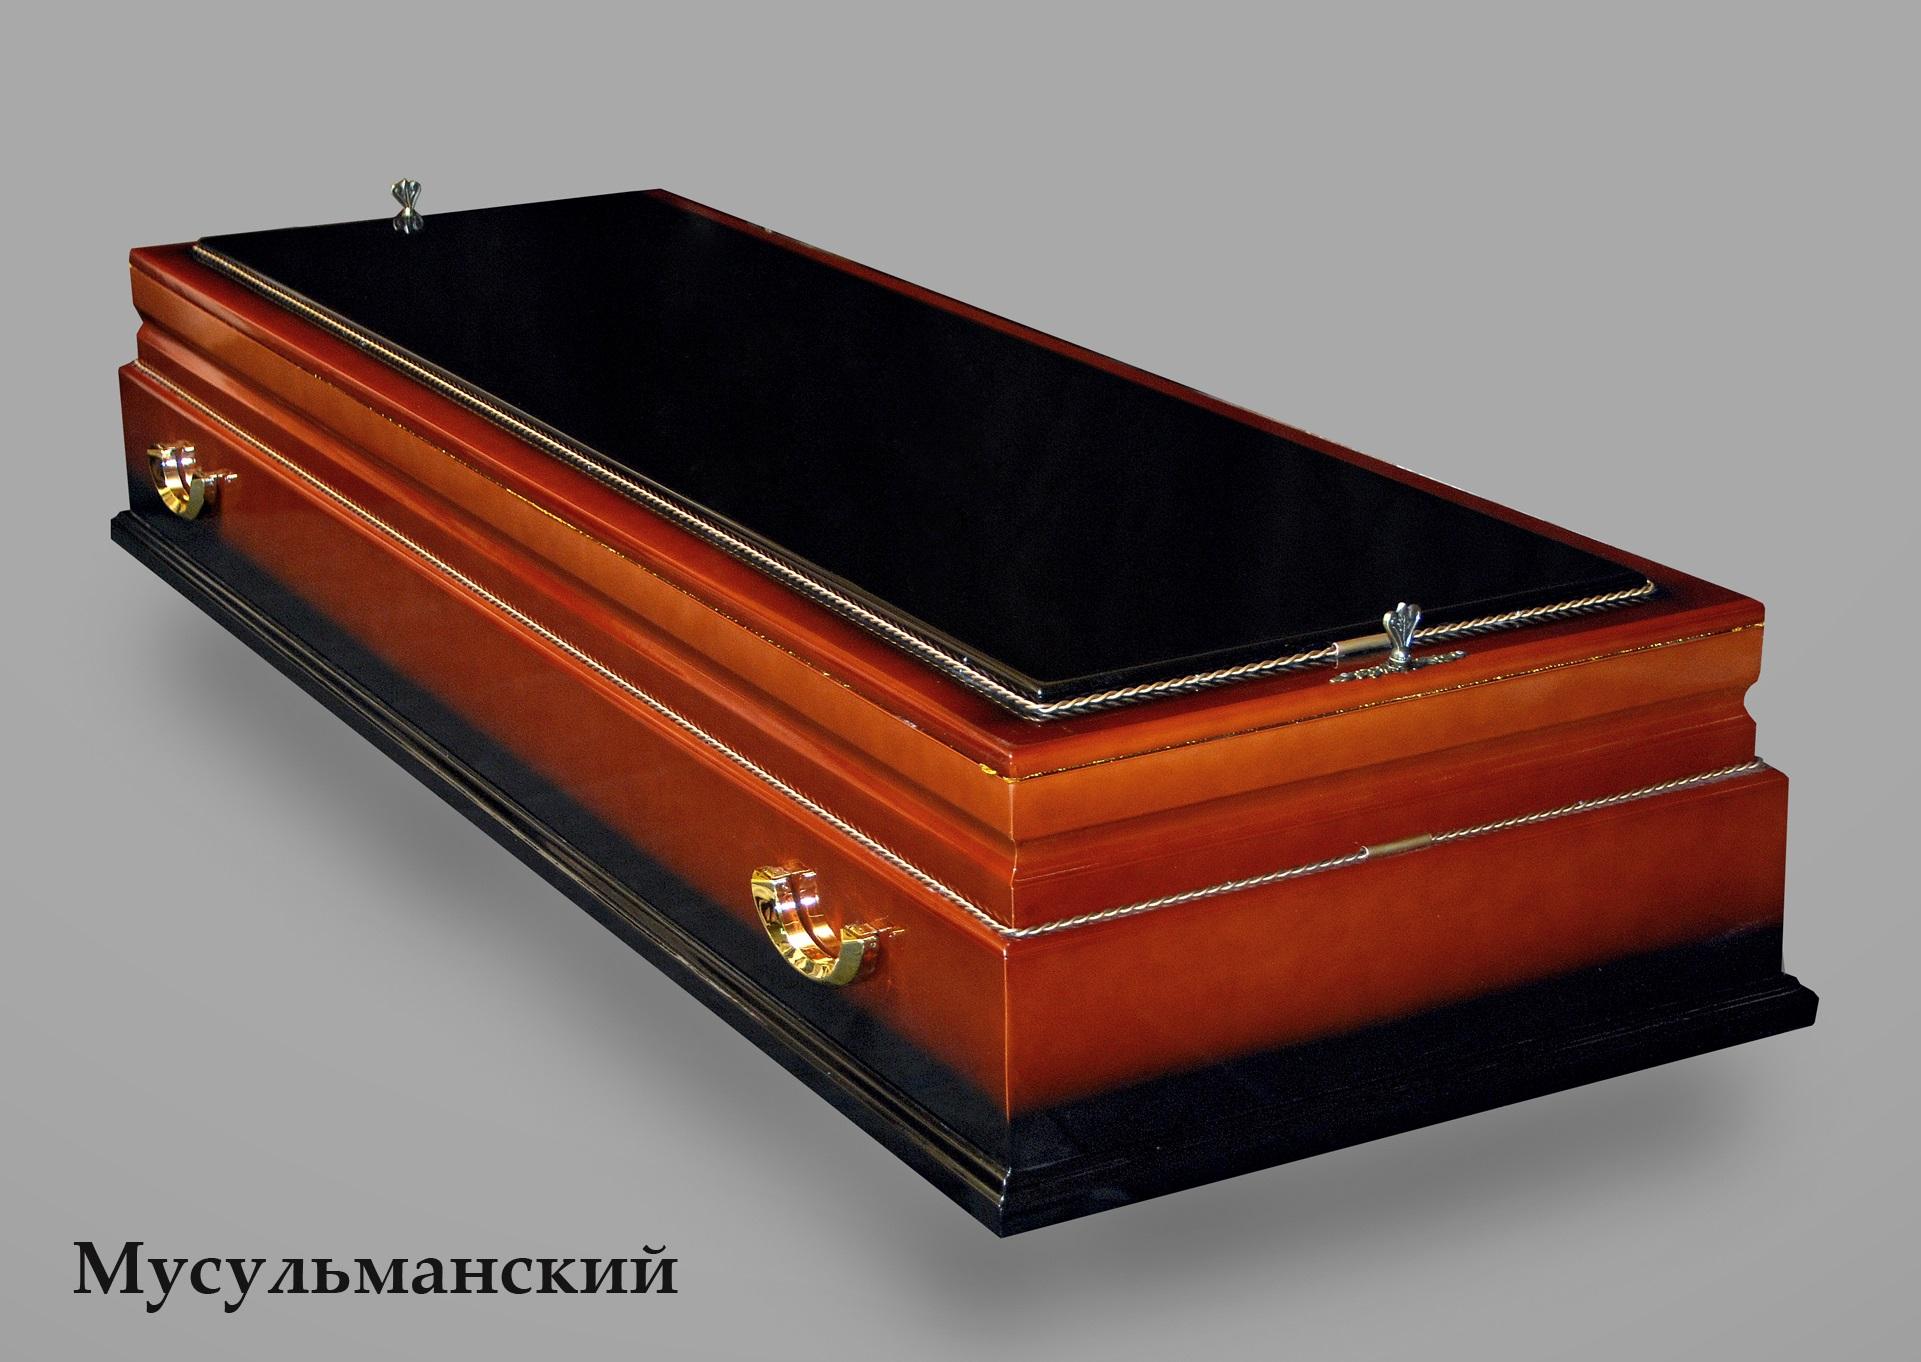 Форма одежды на похоронах